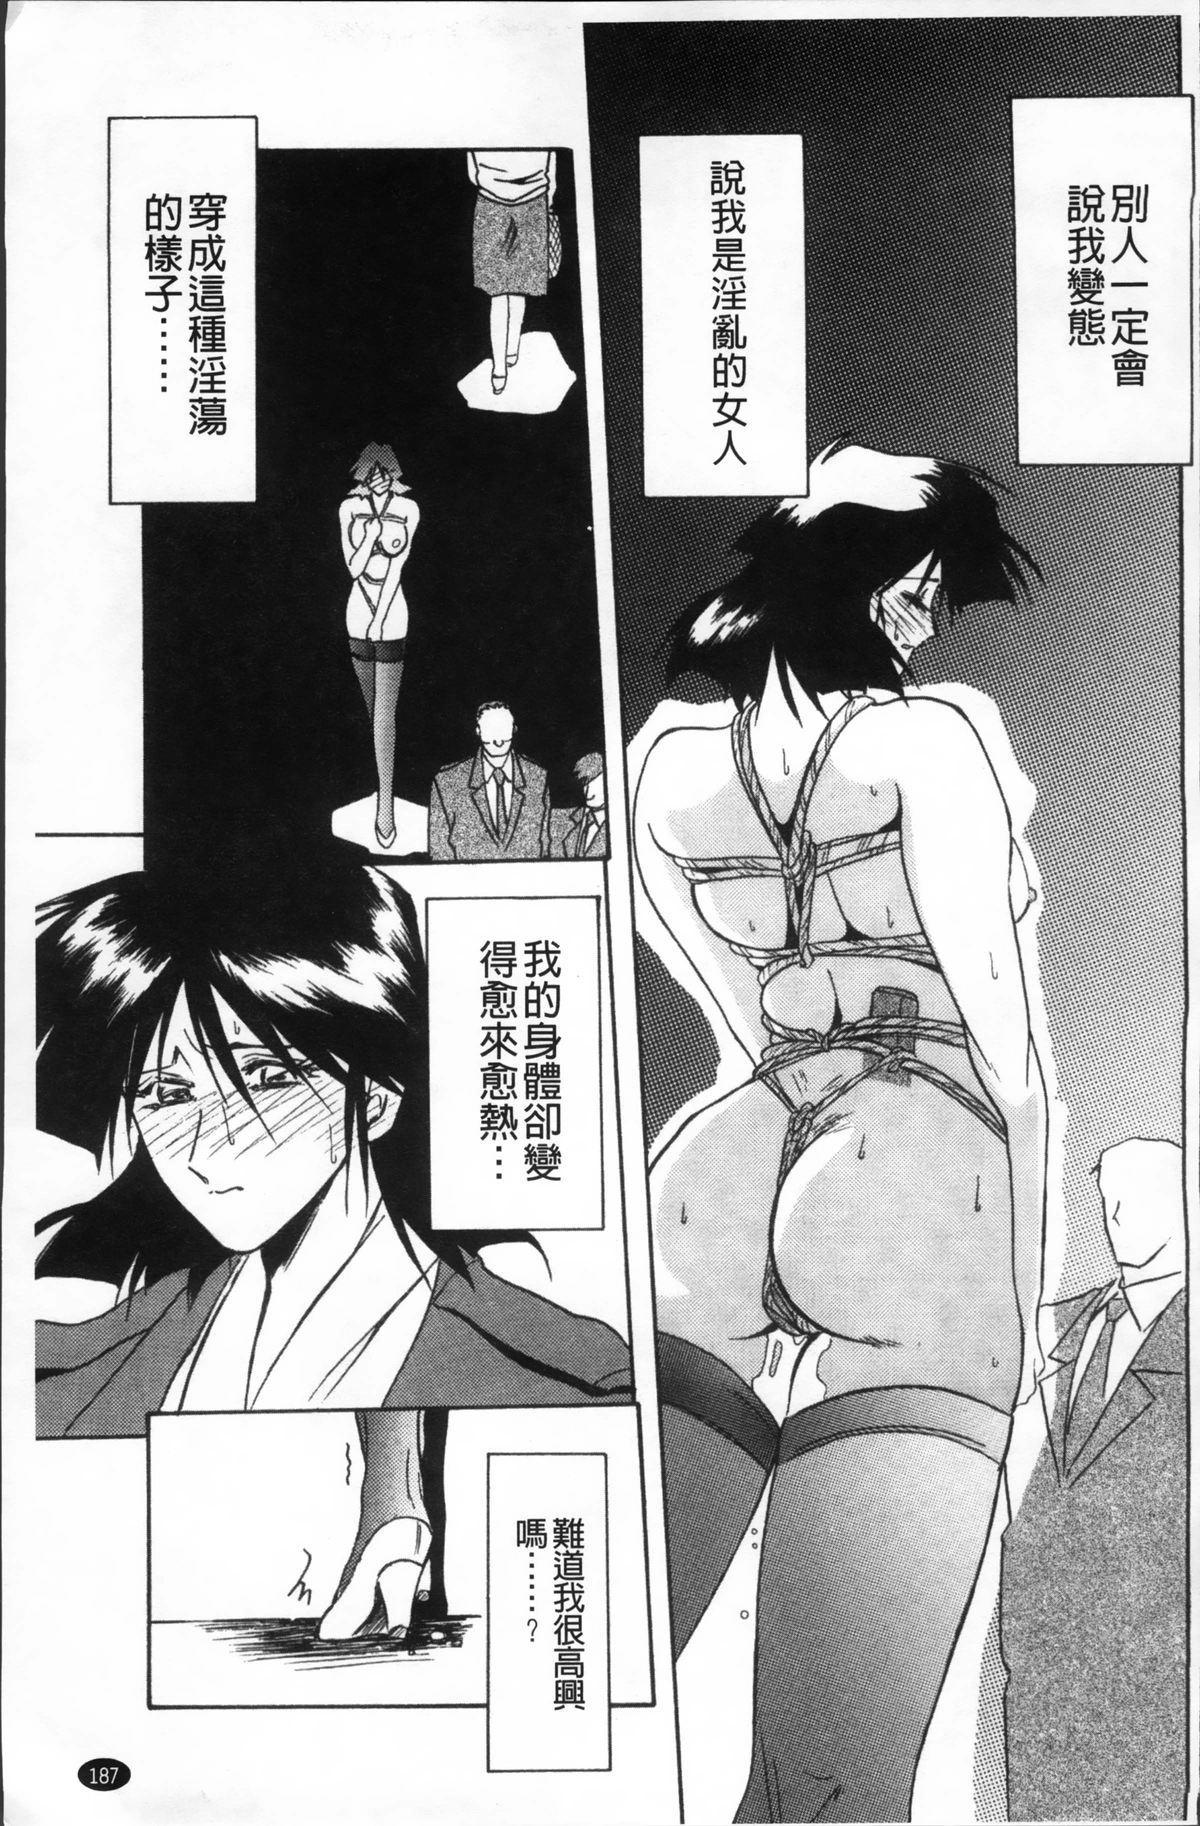 Hiiro no Koku Kanzenban   緋色之刻 完全版 190